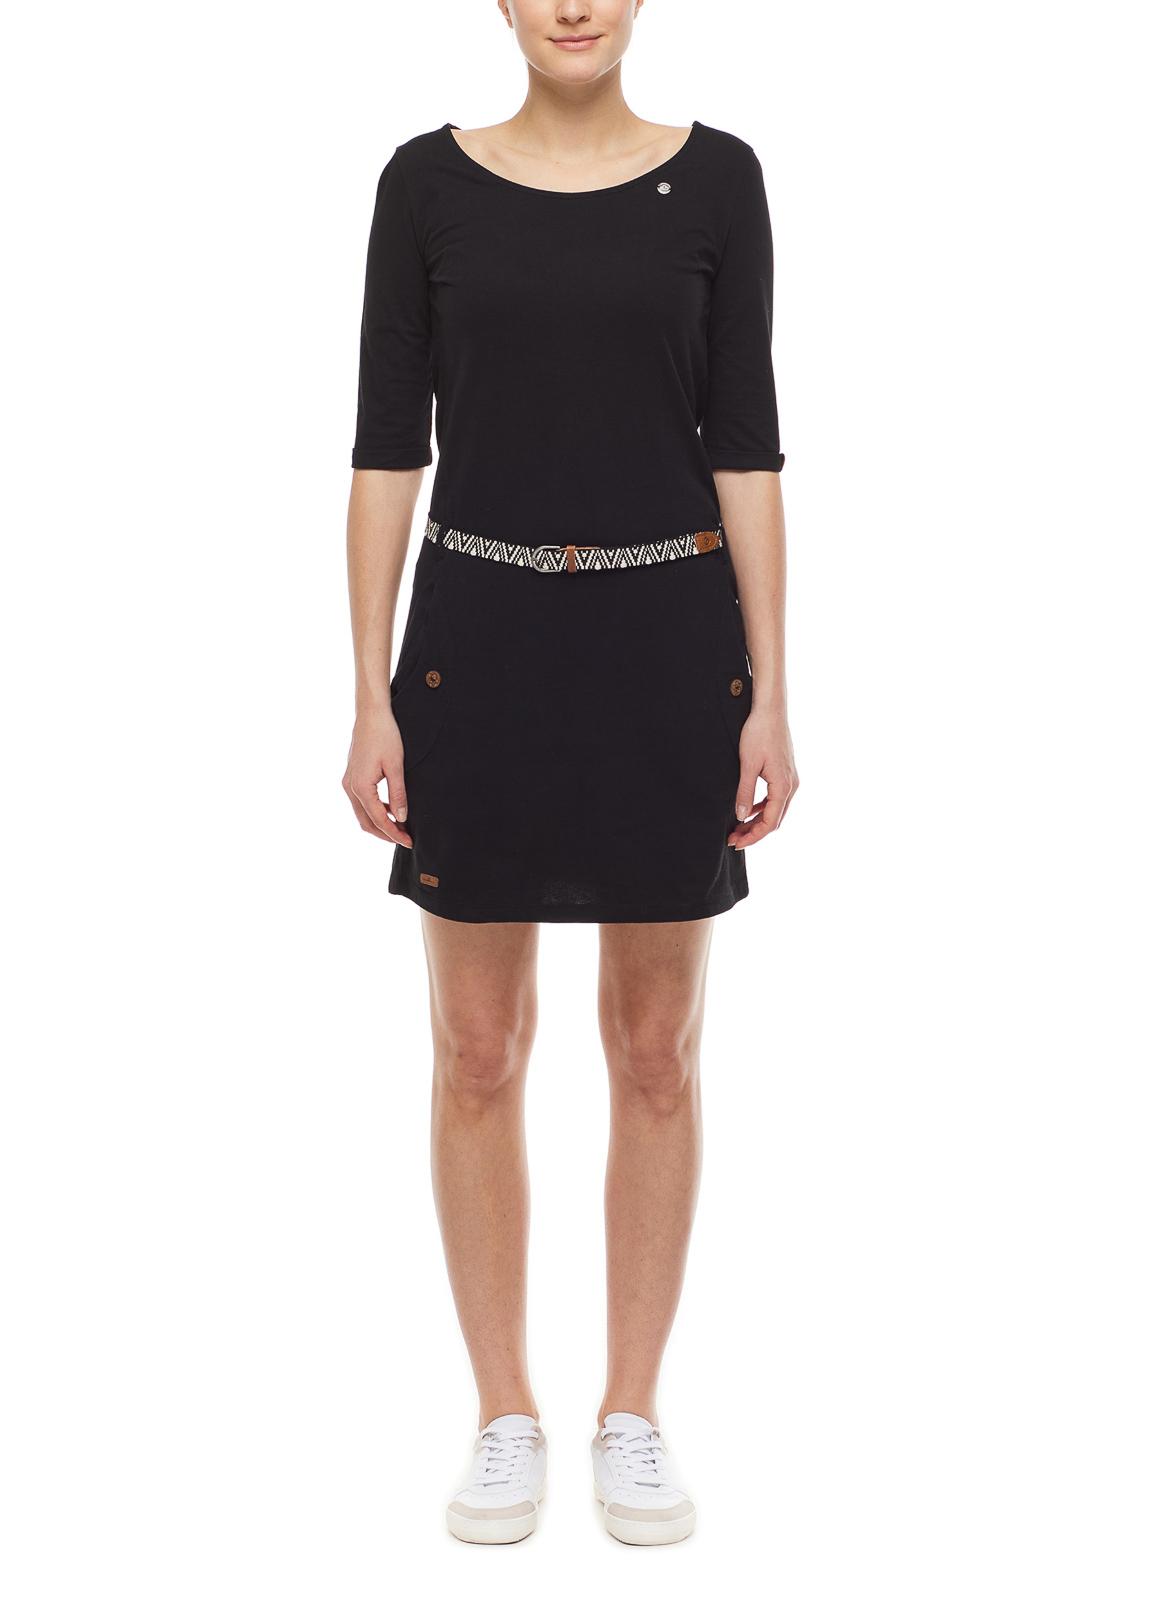 RAGWEAR-TANYA-SOLID-Dress-Kleid-black